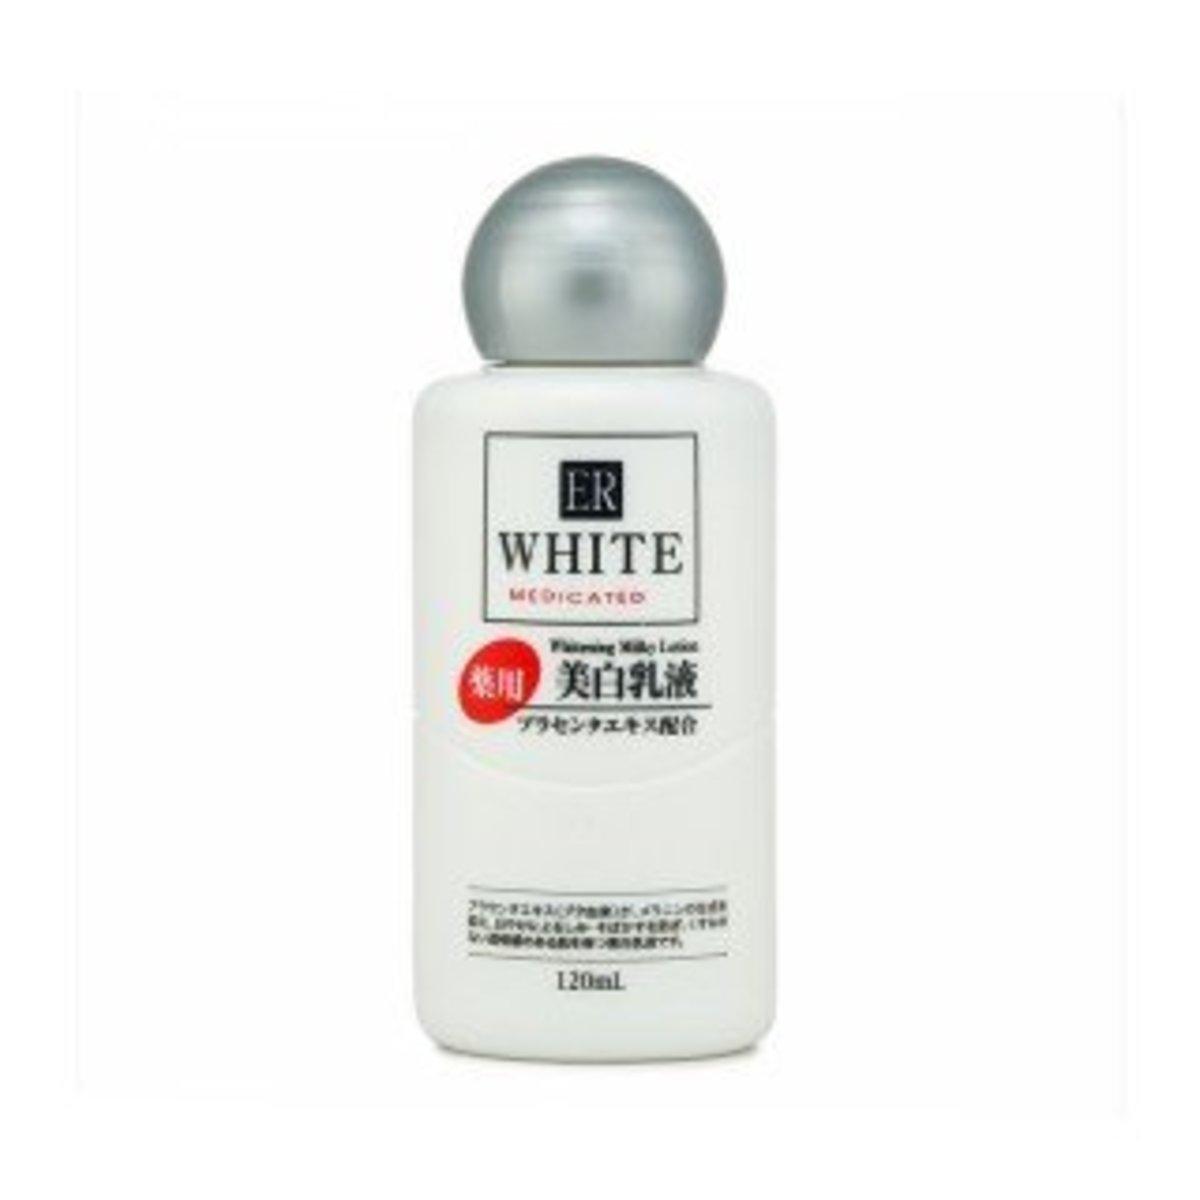 ER Whitening Milky Lotion 120ml